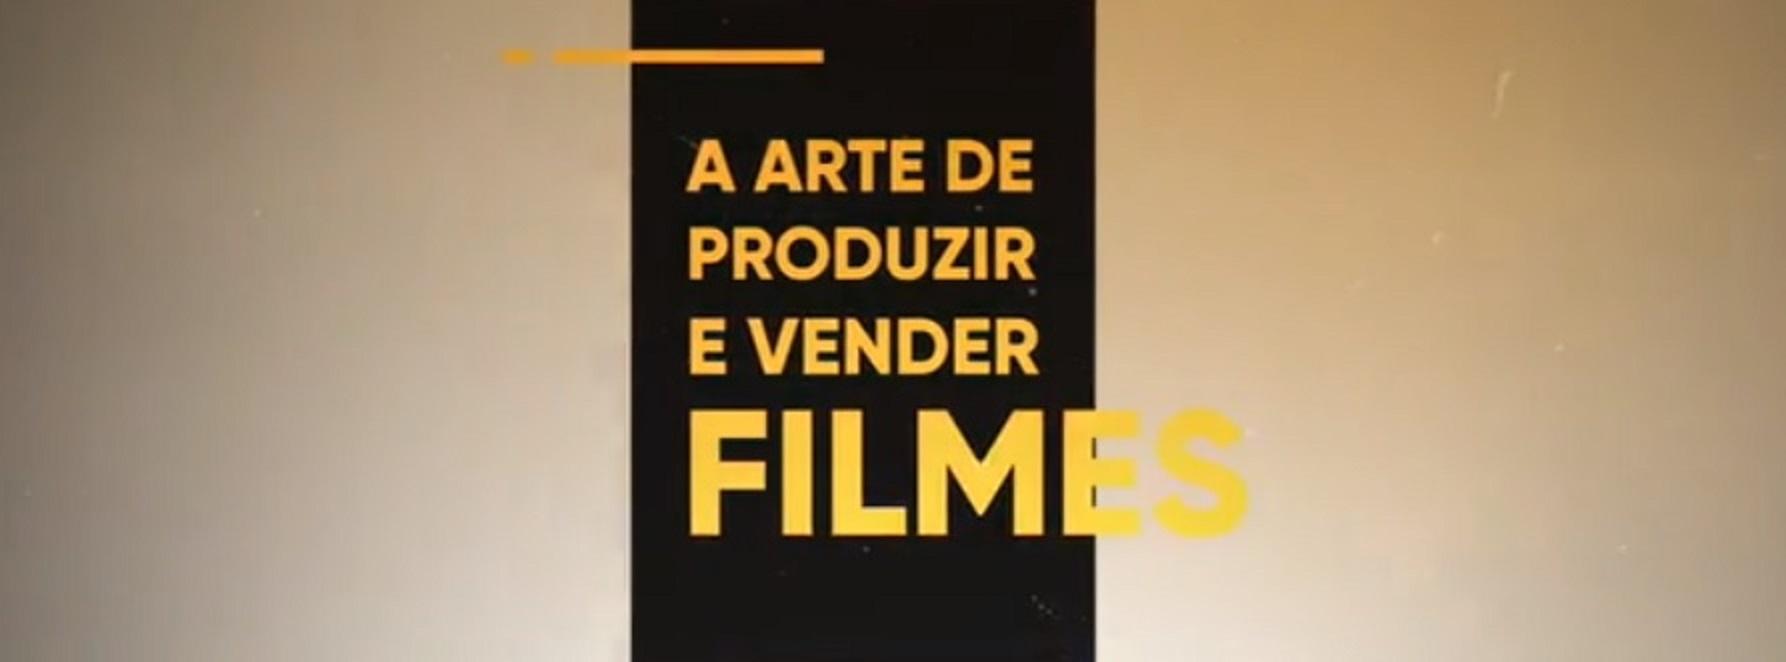 mercado-audiovisual-inscricoes-abertas-para-cursos-livres-e-assessoria-de-projetos-cinematograficos